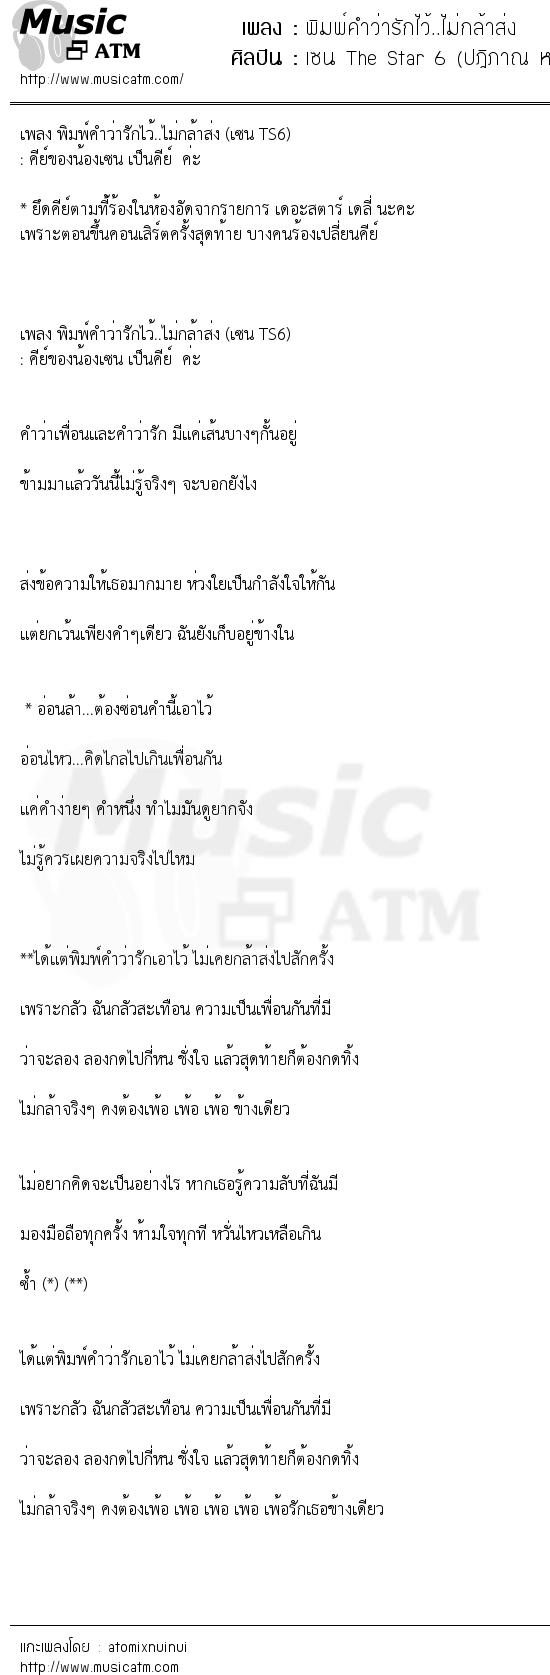 เนื้อเพลง พิมพ์คำว่ารักไว้..ไม่กล้าส่ง - เซน The Star 6 (ปฎิภาณ หล่อเสถียร)   เพลงไทย